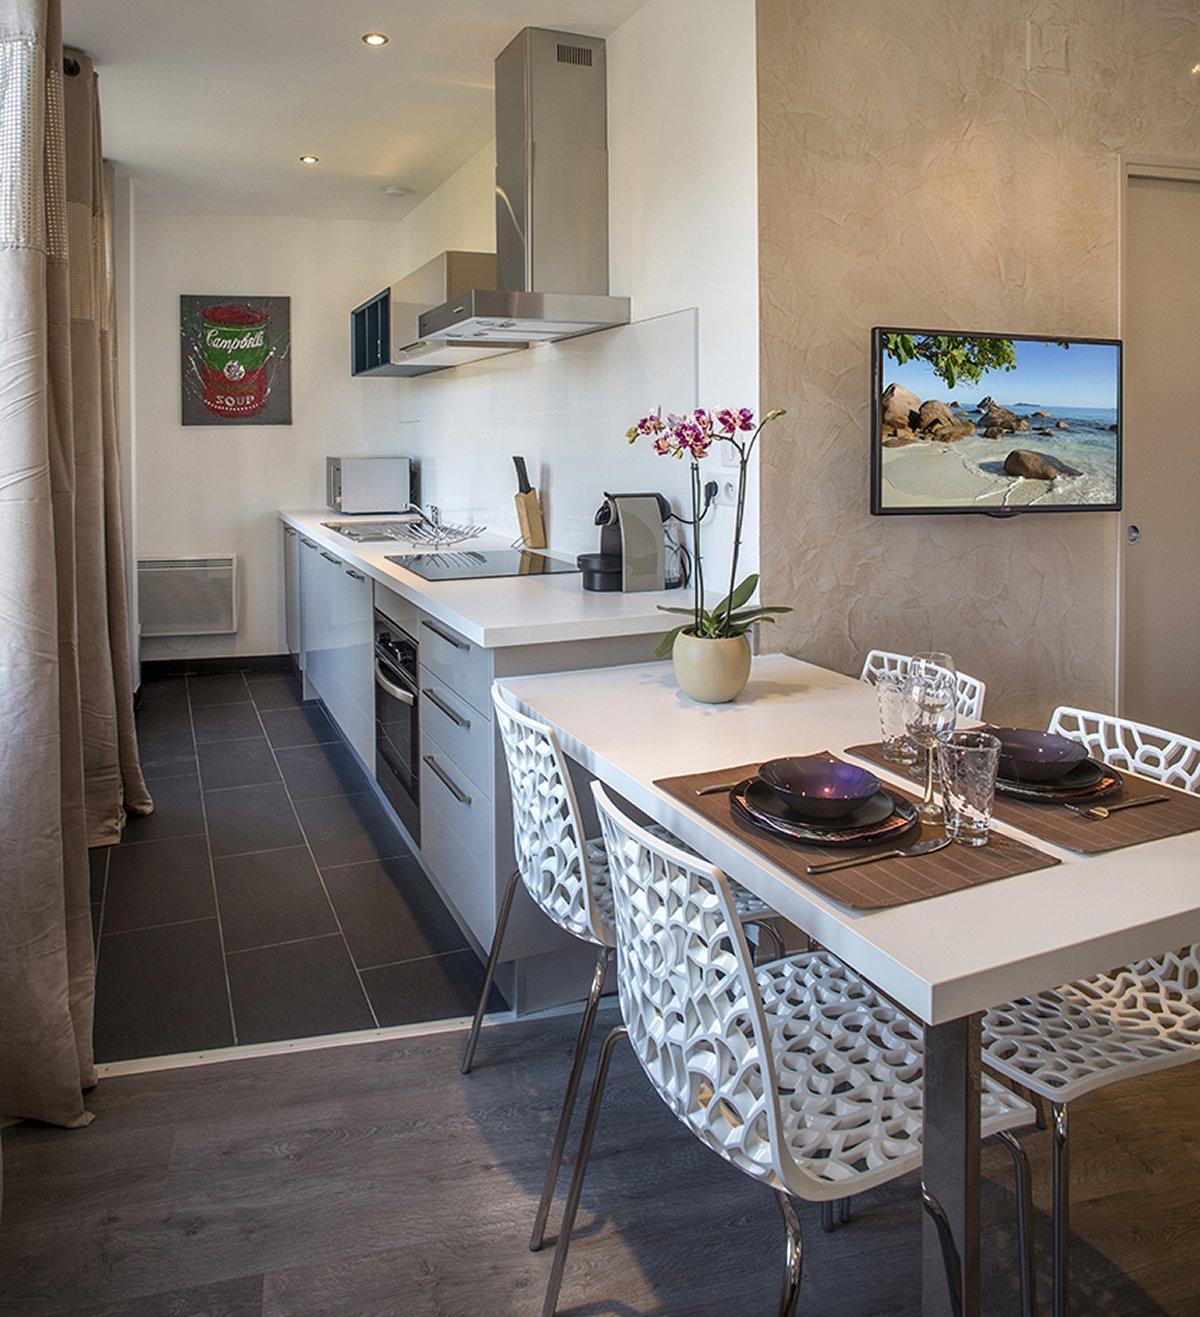 meubl de tourisme les loges du ch teau le boudoir saverne. Black Bedroom Furniture Sets. Home Design Ideas